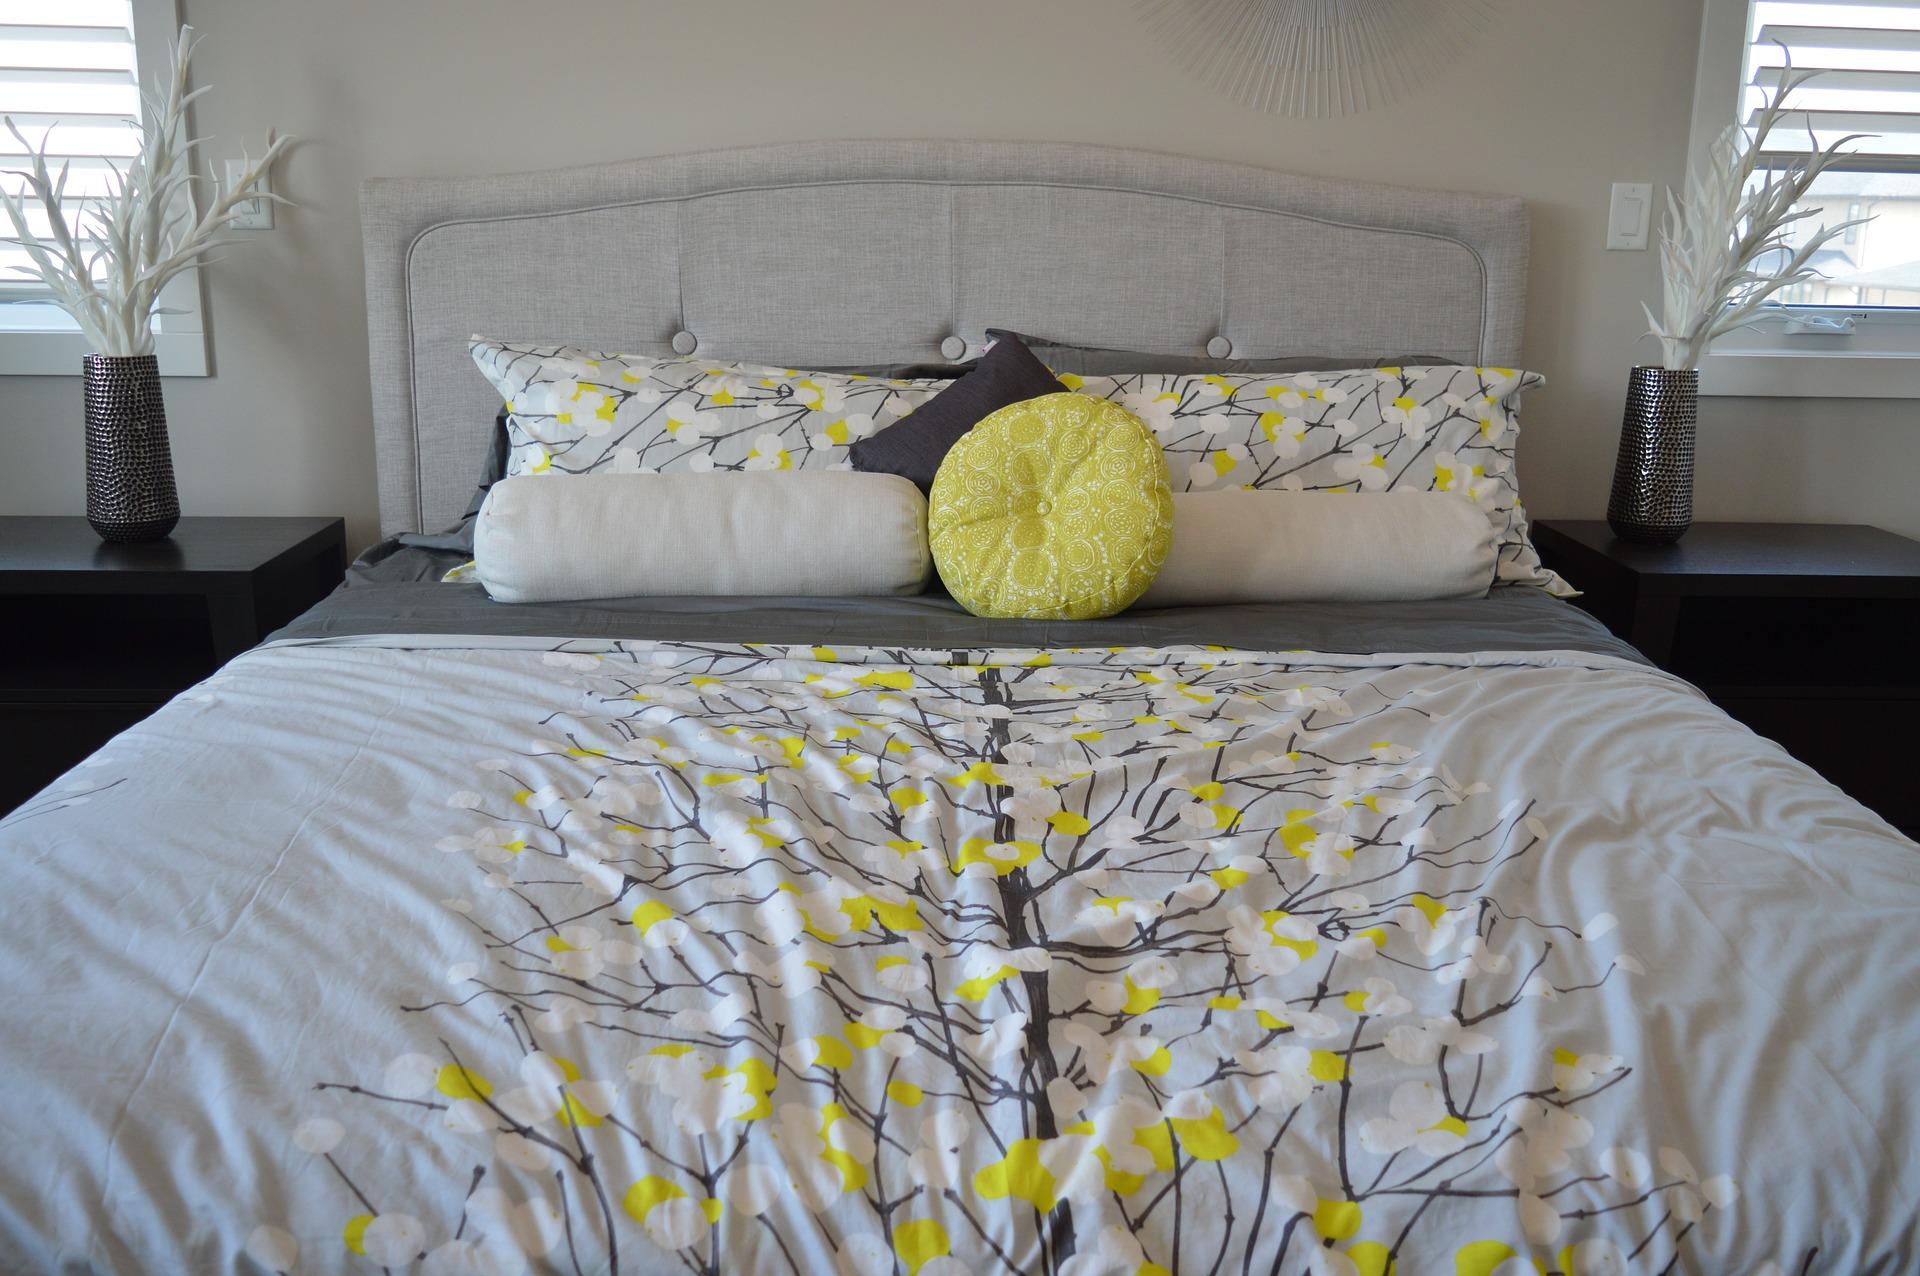 Dormitorul – un loc pentru somn, confort şi relaxare totală